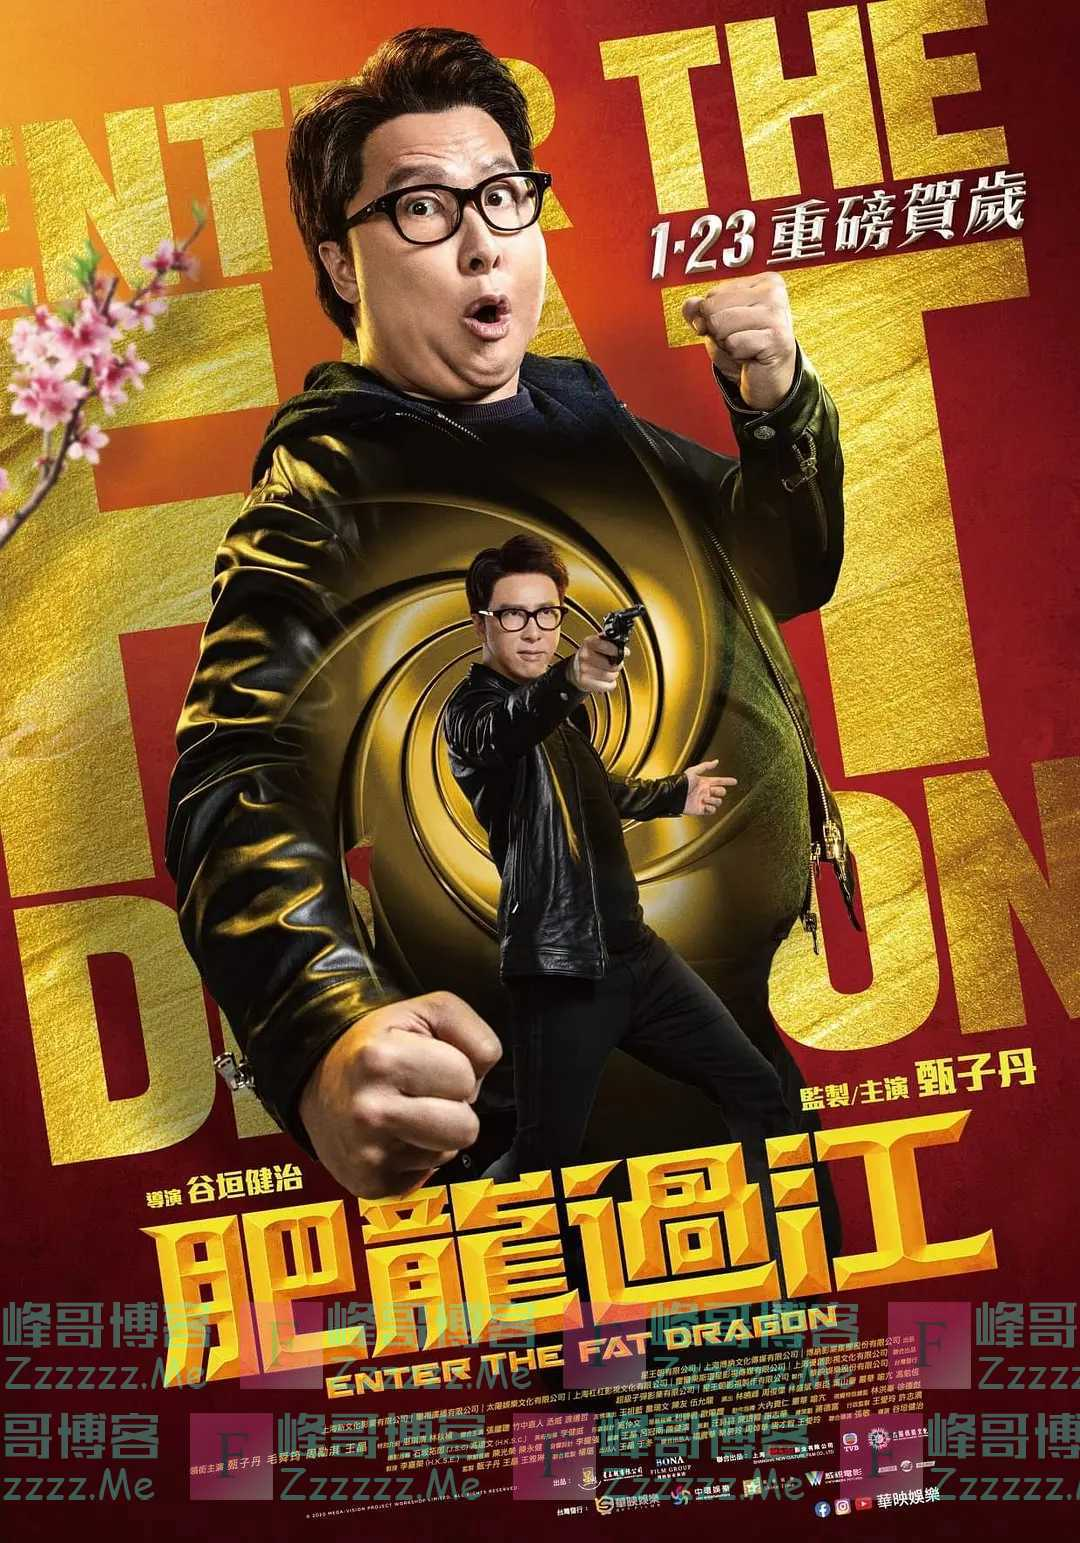 《肥龙过江》电影粤语国语超清4K在线观看百度网盘下载地址